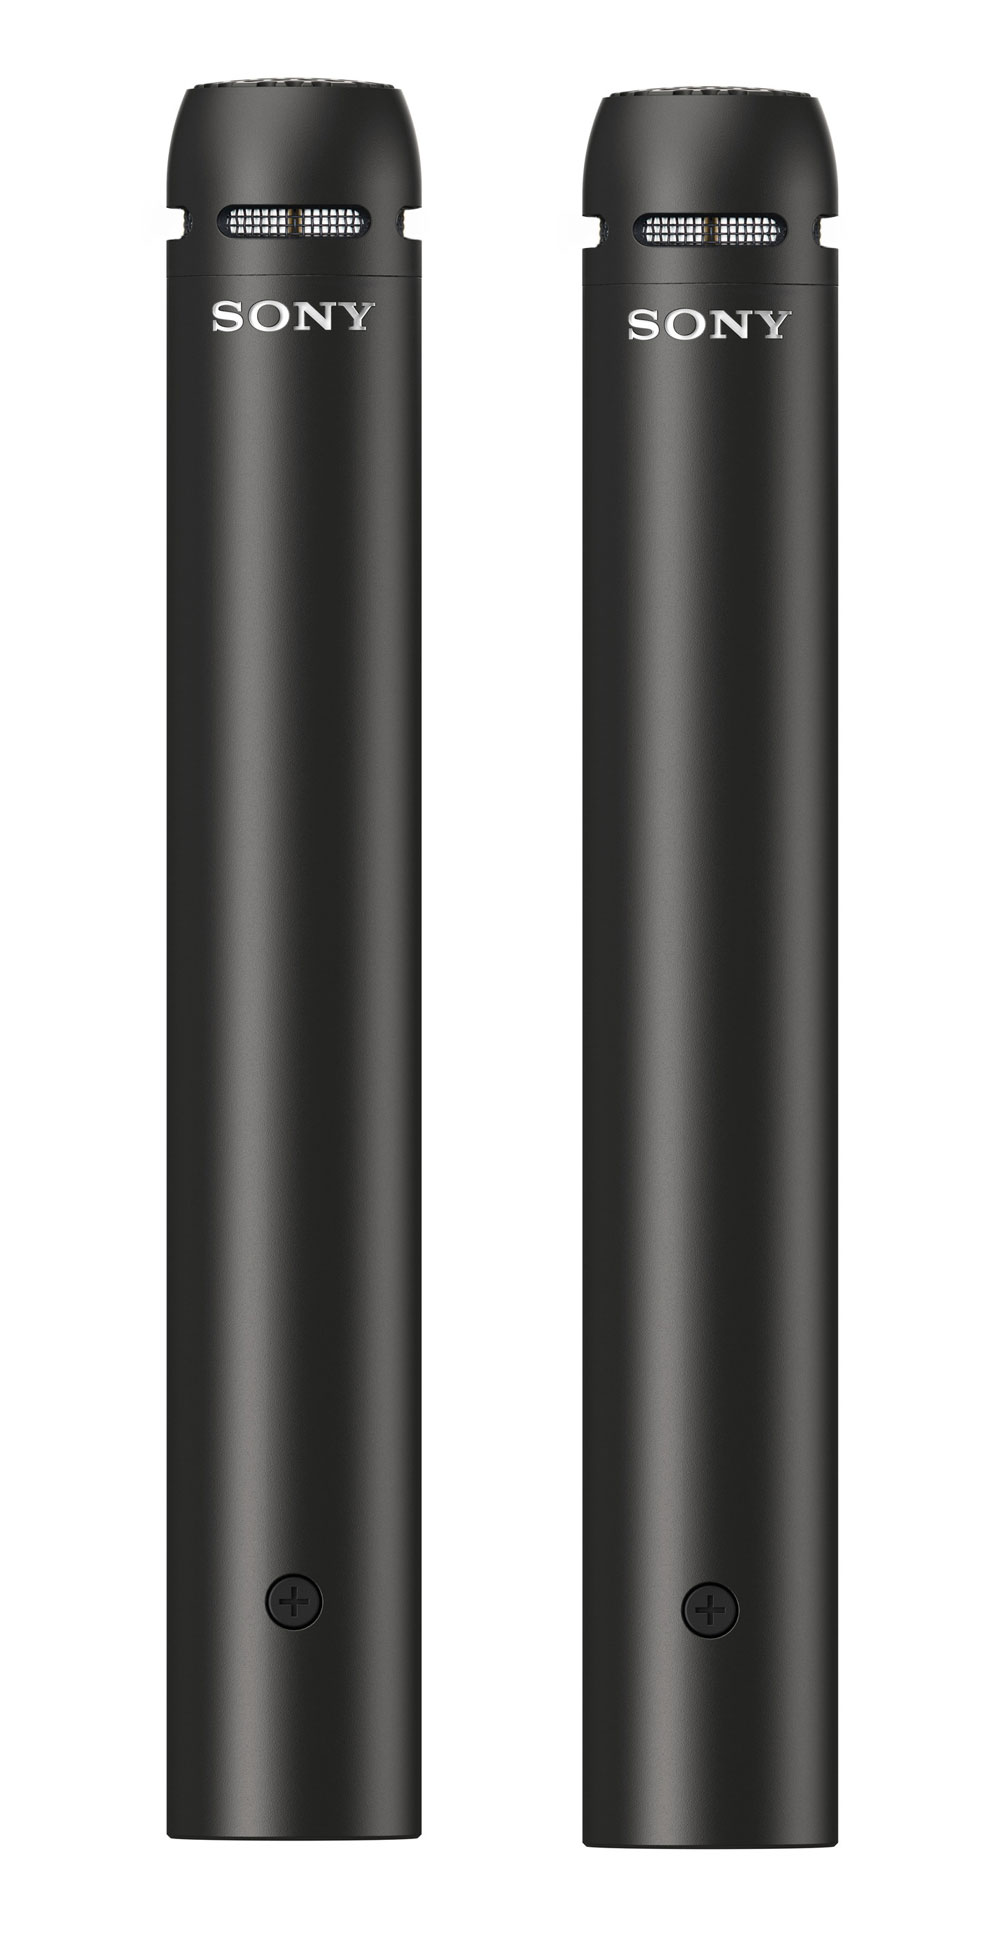 画像1: ソニー、50kHzまで収音可能な楽器用ハイレゾレコーディングマイクの特性を揃えたステレオペアモデル「ECM-100UMP」「ECM-100NMP」を10月23日に発売